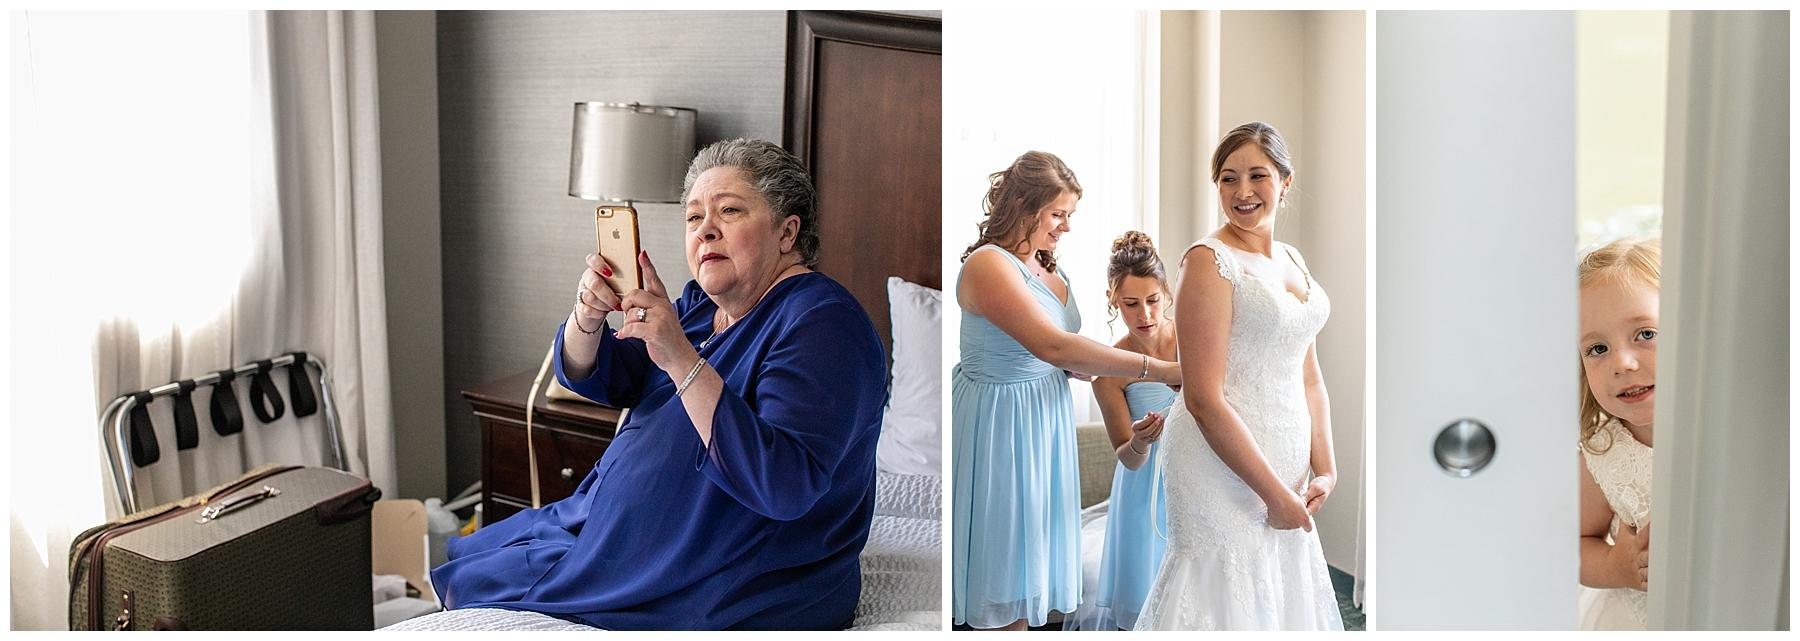 OliviaJohnBaltimoreMuseumofIndustryWeddingLivingRadiantPhotographyphotos_0023.jpg